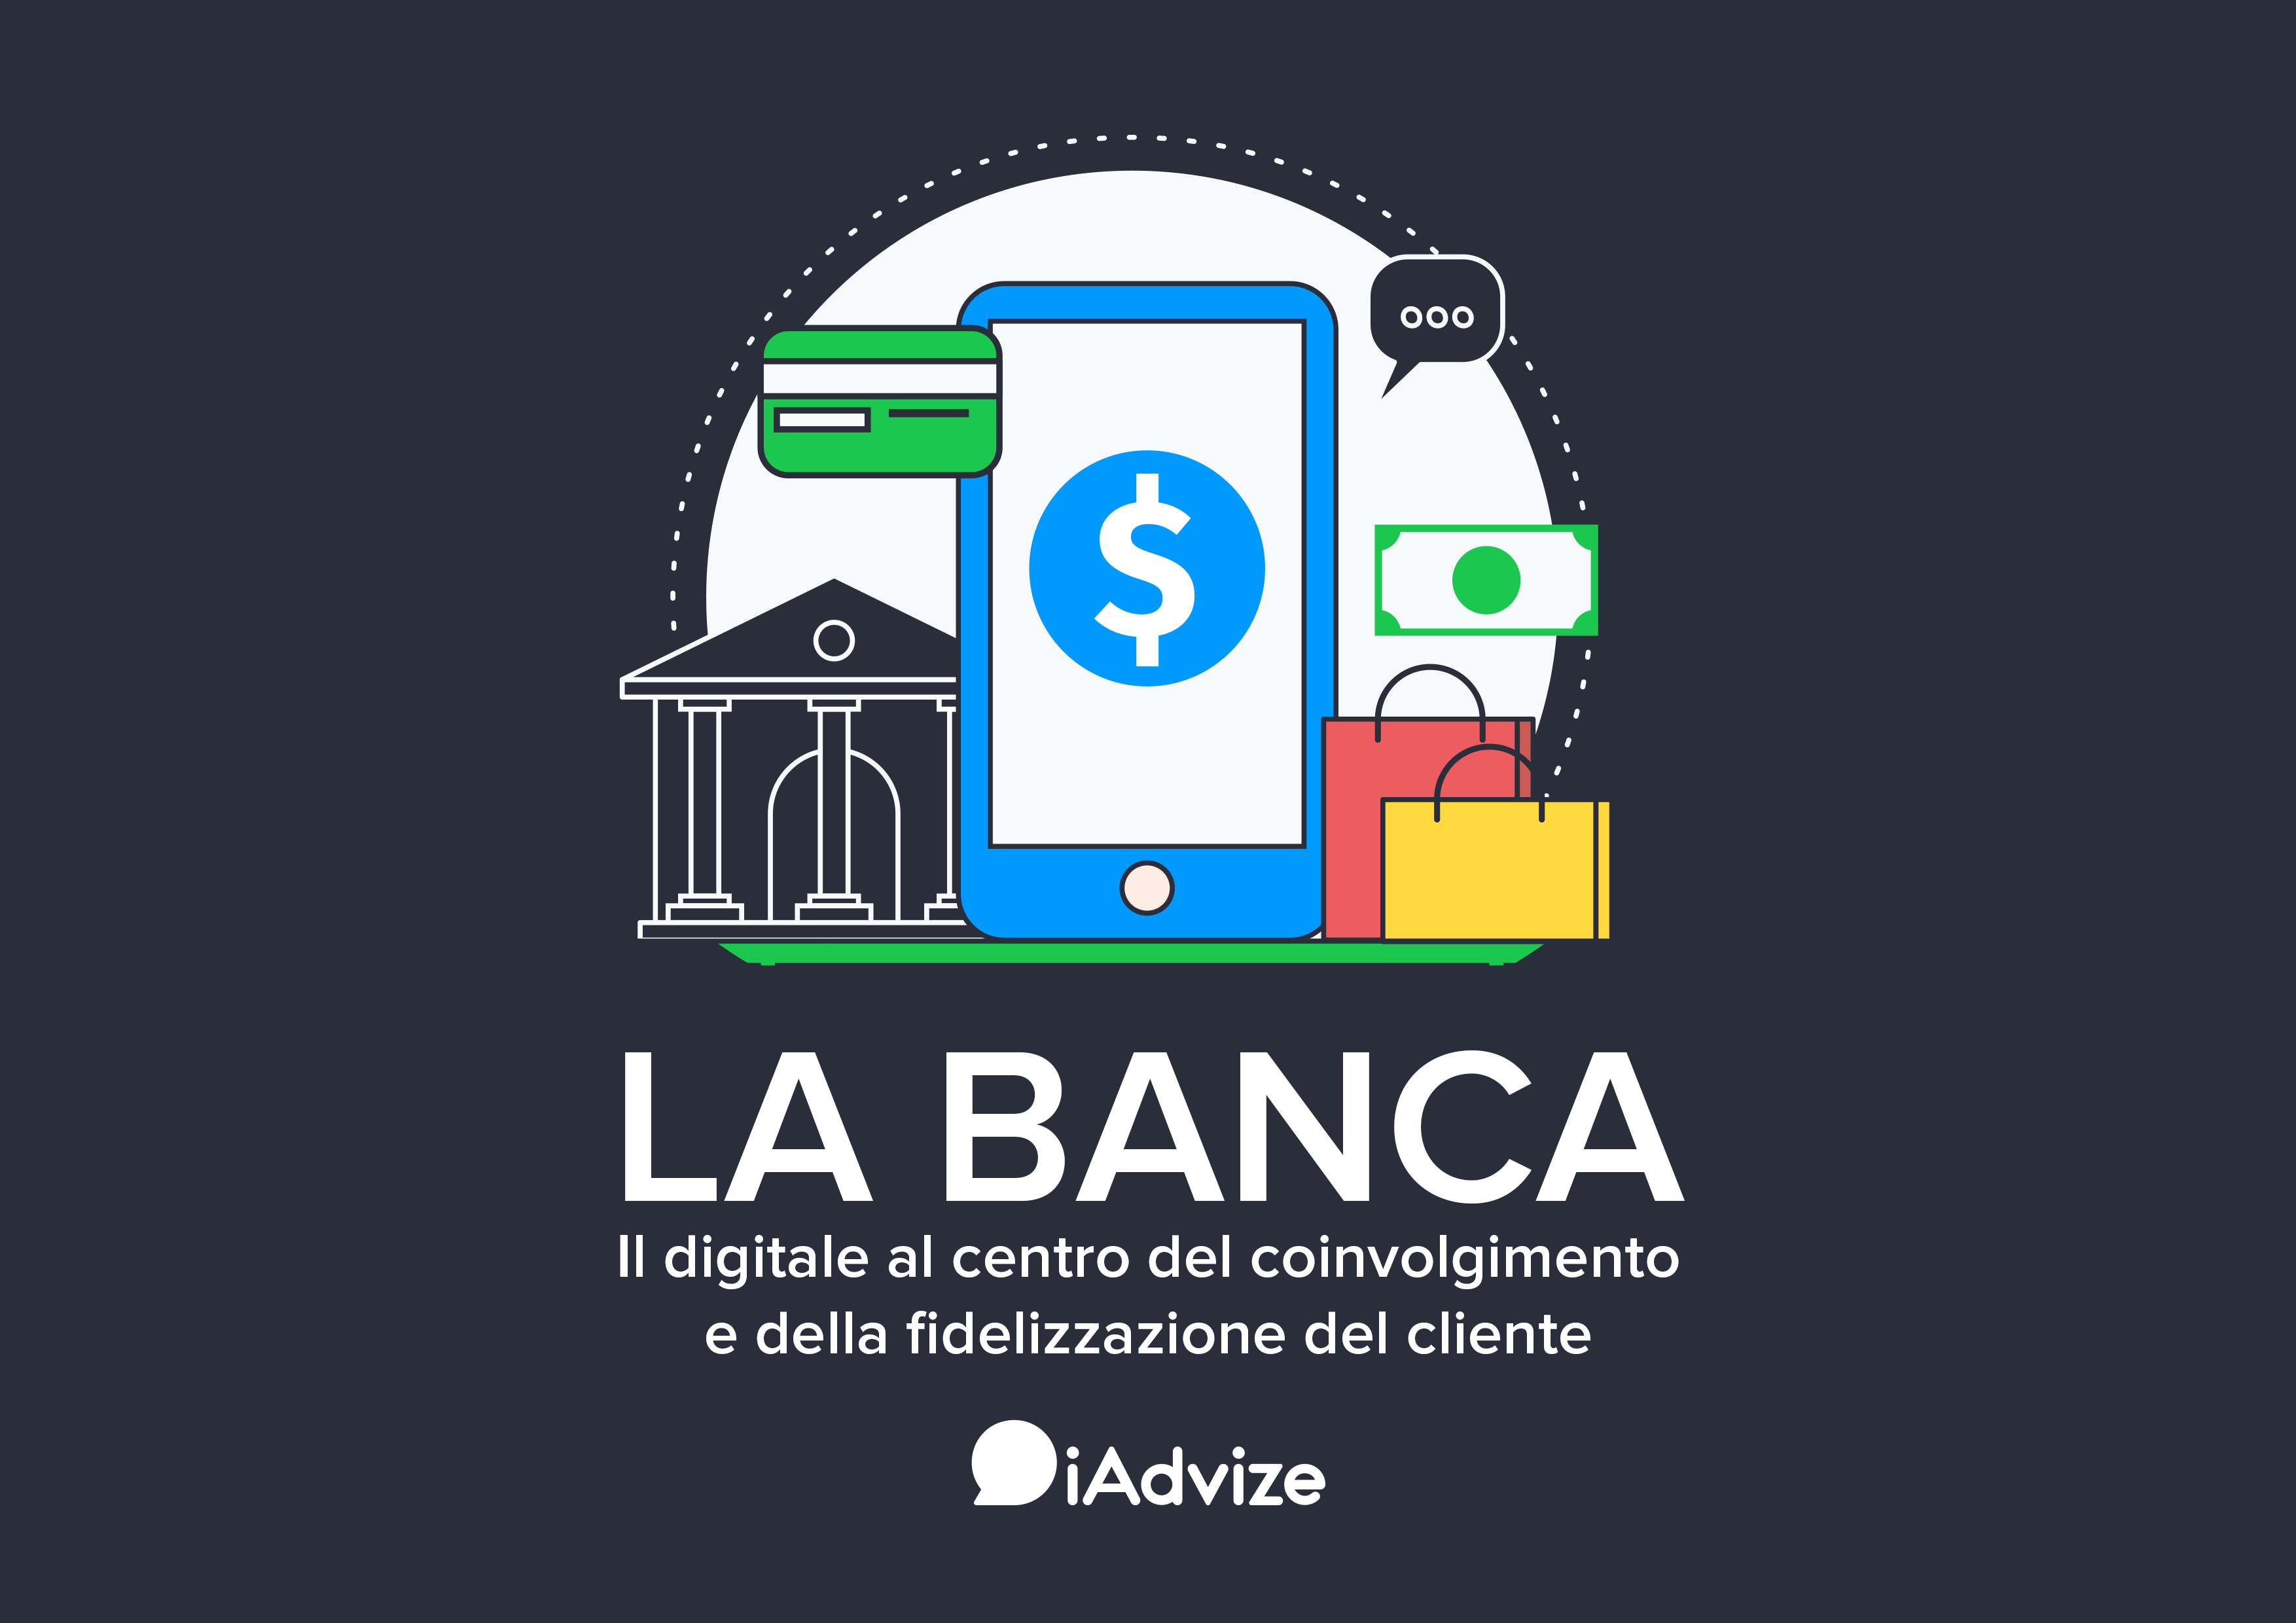 La banca adatta la gestione della relazione clienti online nell'era della trasformazione digitale